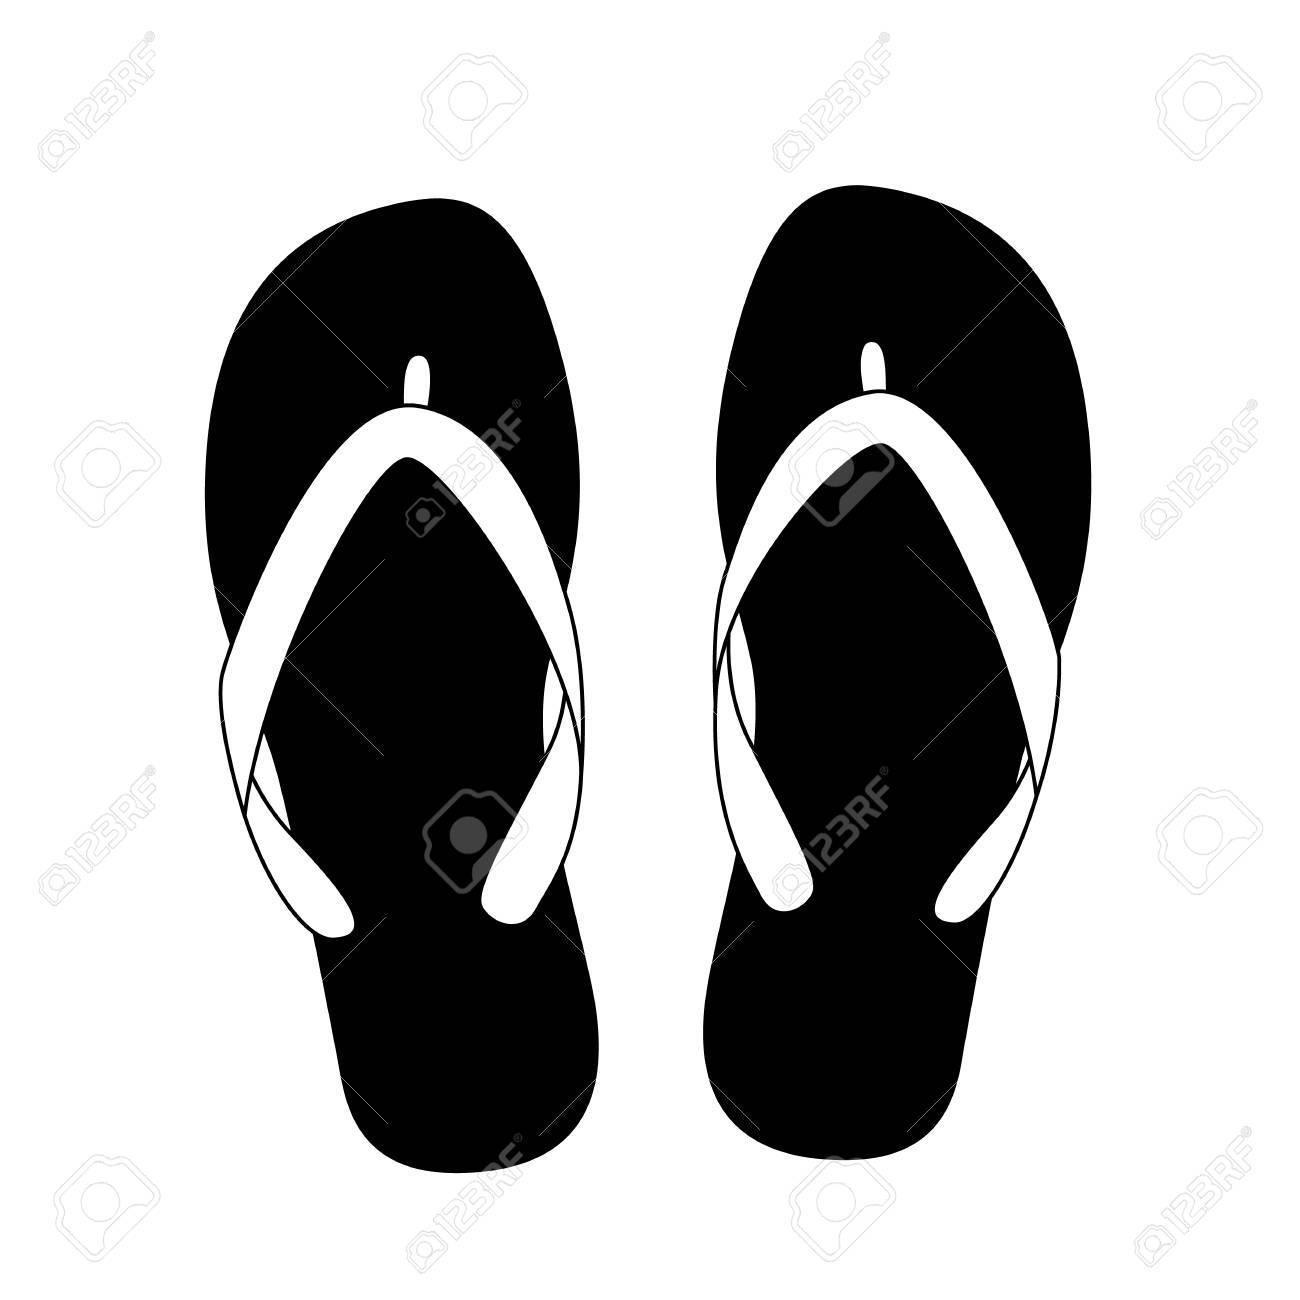 Black Flip Flops Isolated On White